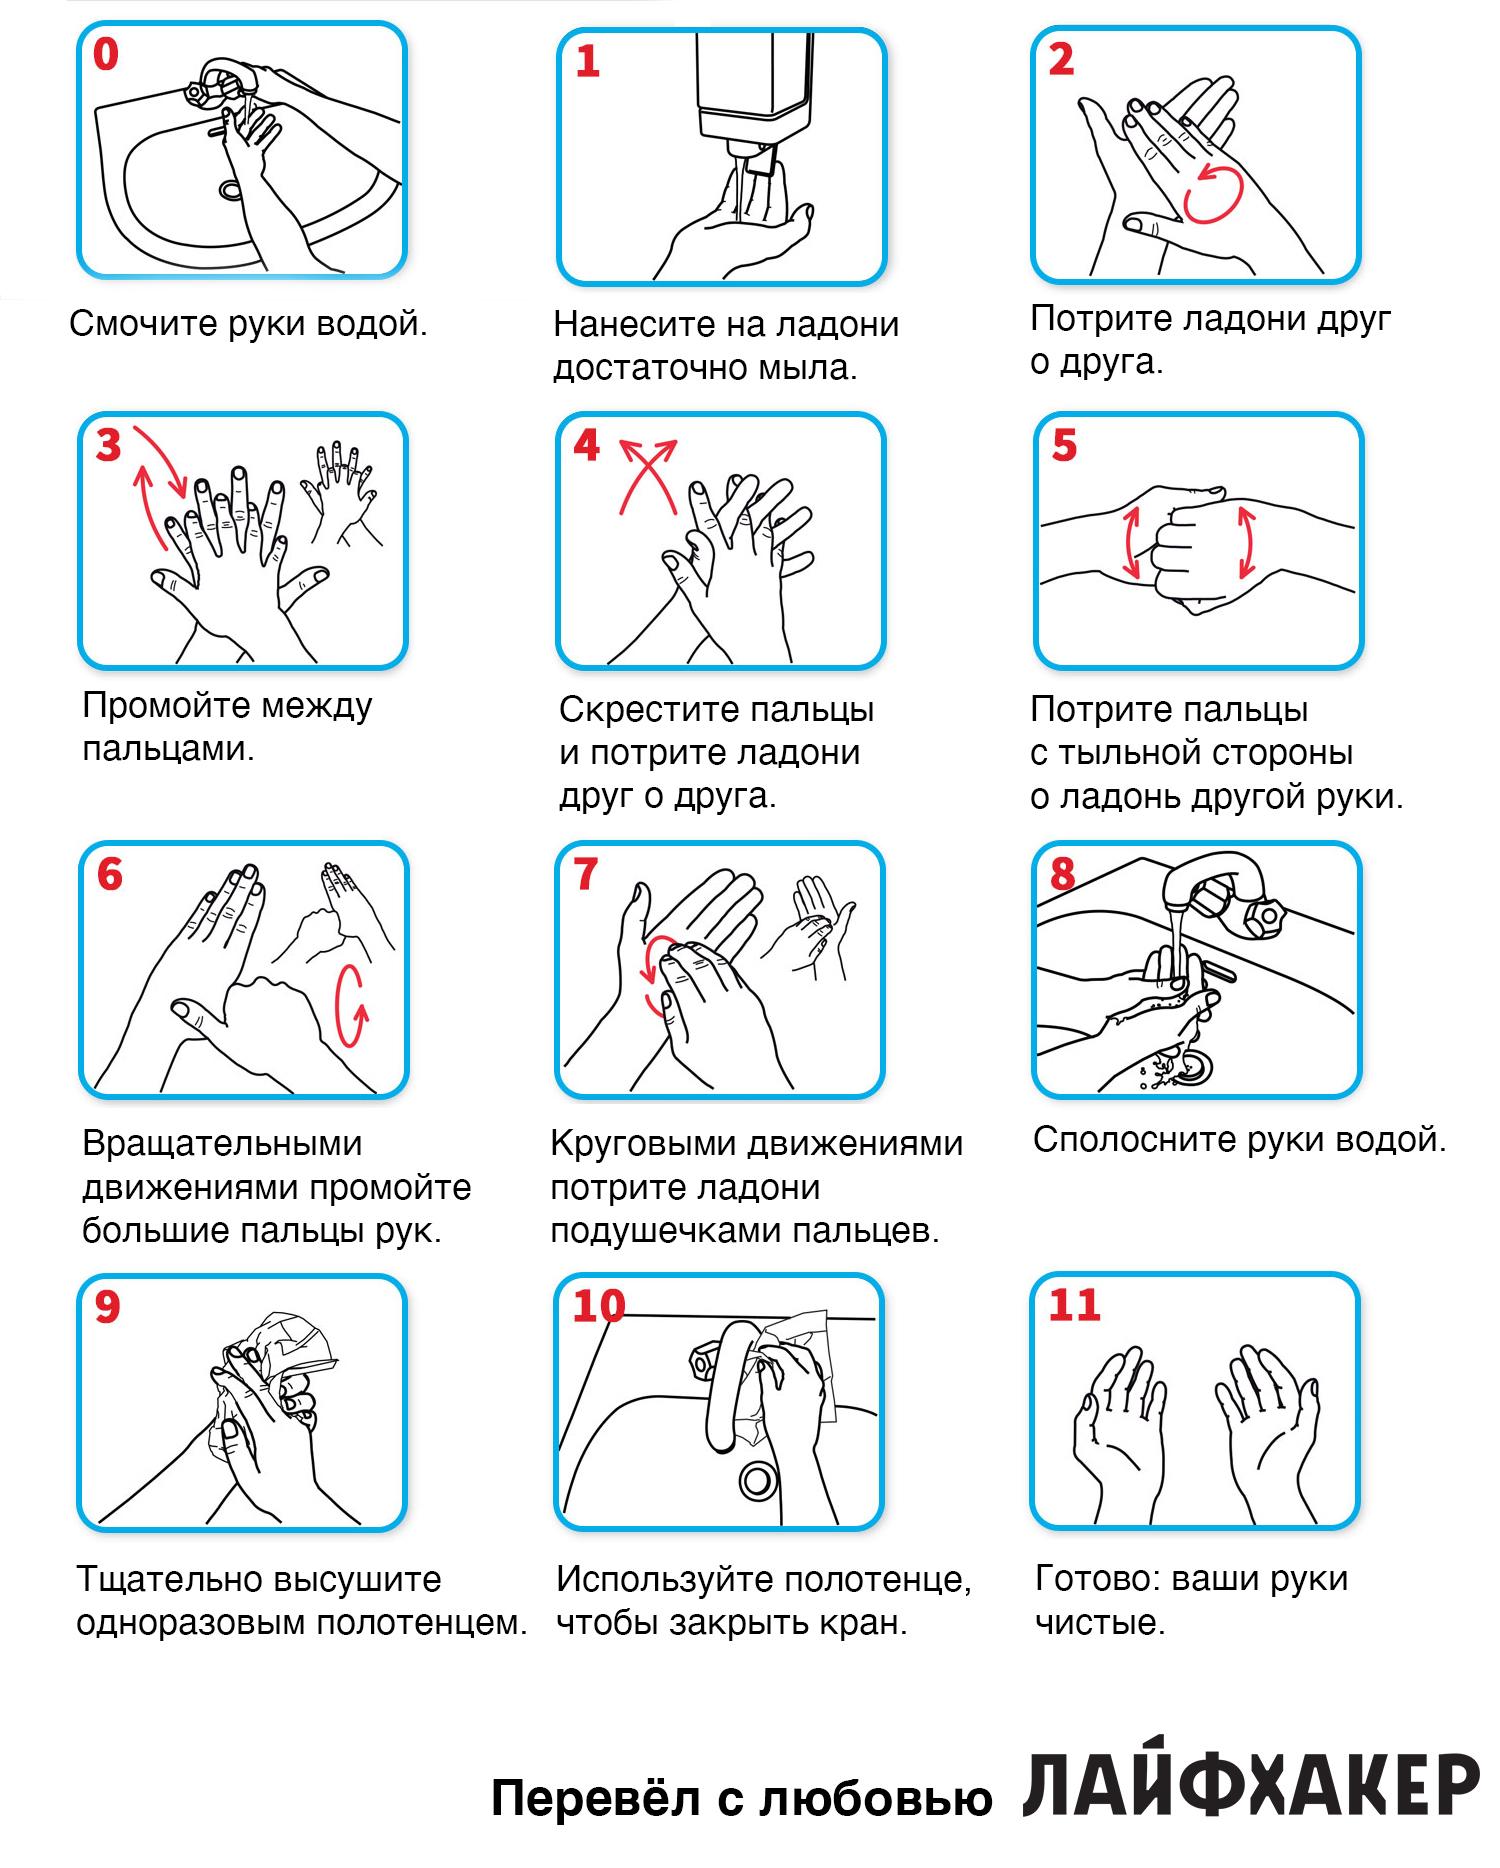 человеку легко способы мытья рук картинки достижения этих